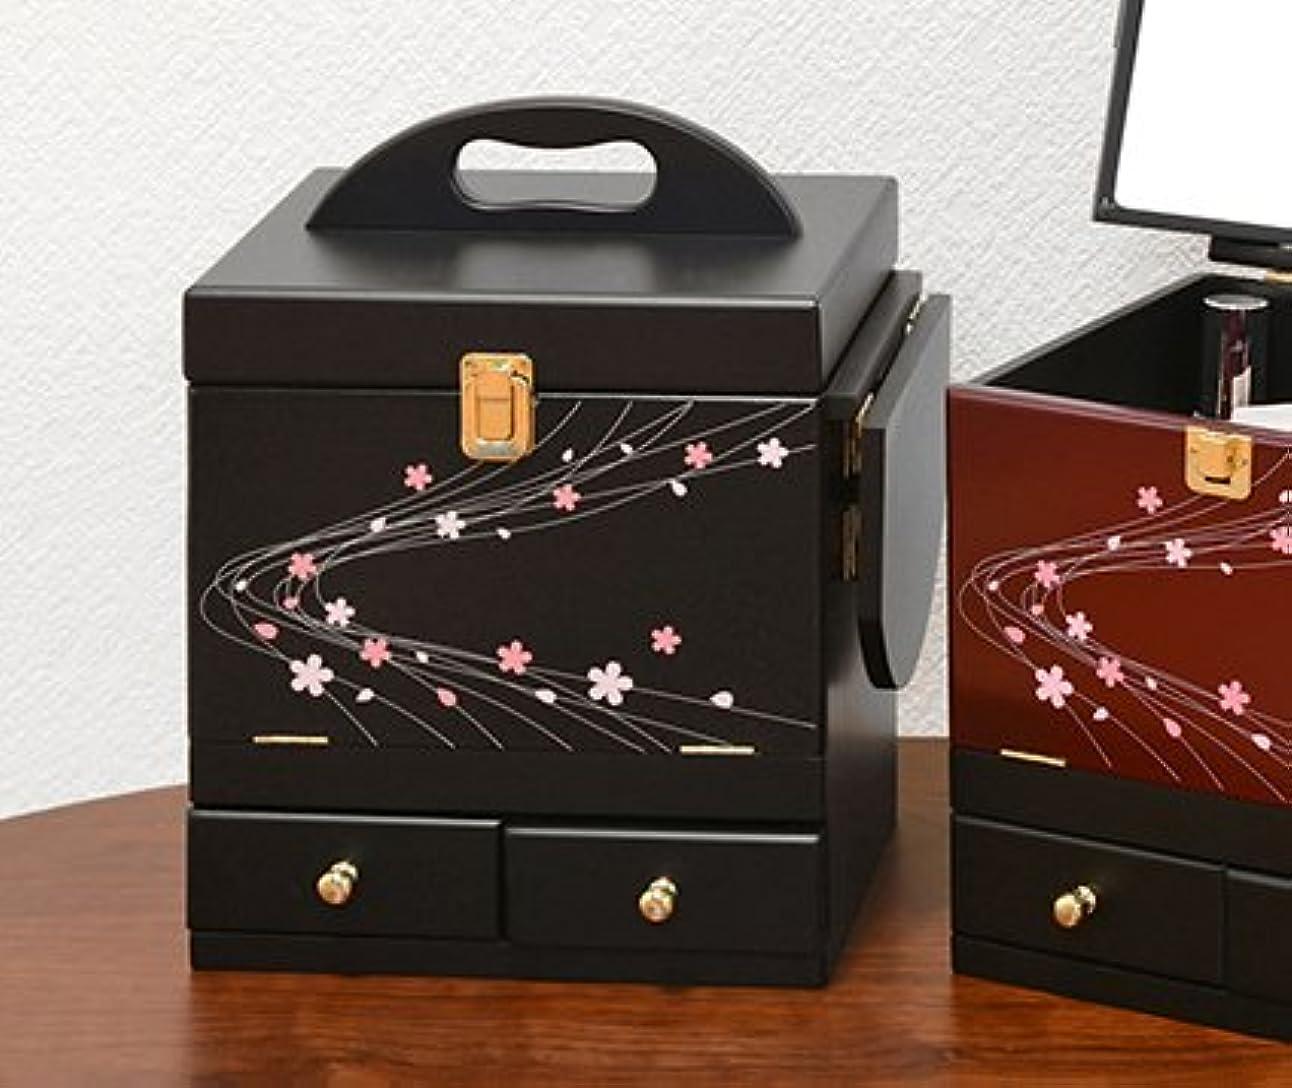 良心的要求クリエイティブコスメボックス 化粧ボックス ジュエリーボックス コスメ収納 収納ボックス 化粧台 3面鏡 和風 完成品 折りたたみ式 軽量 ブラック